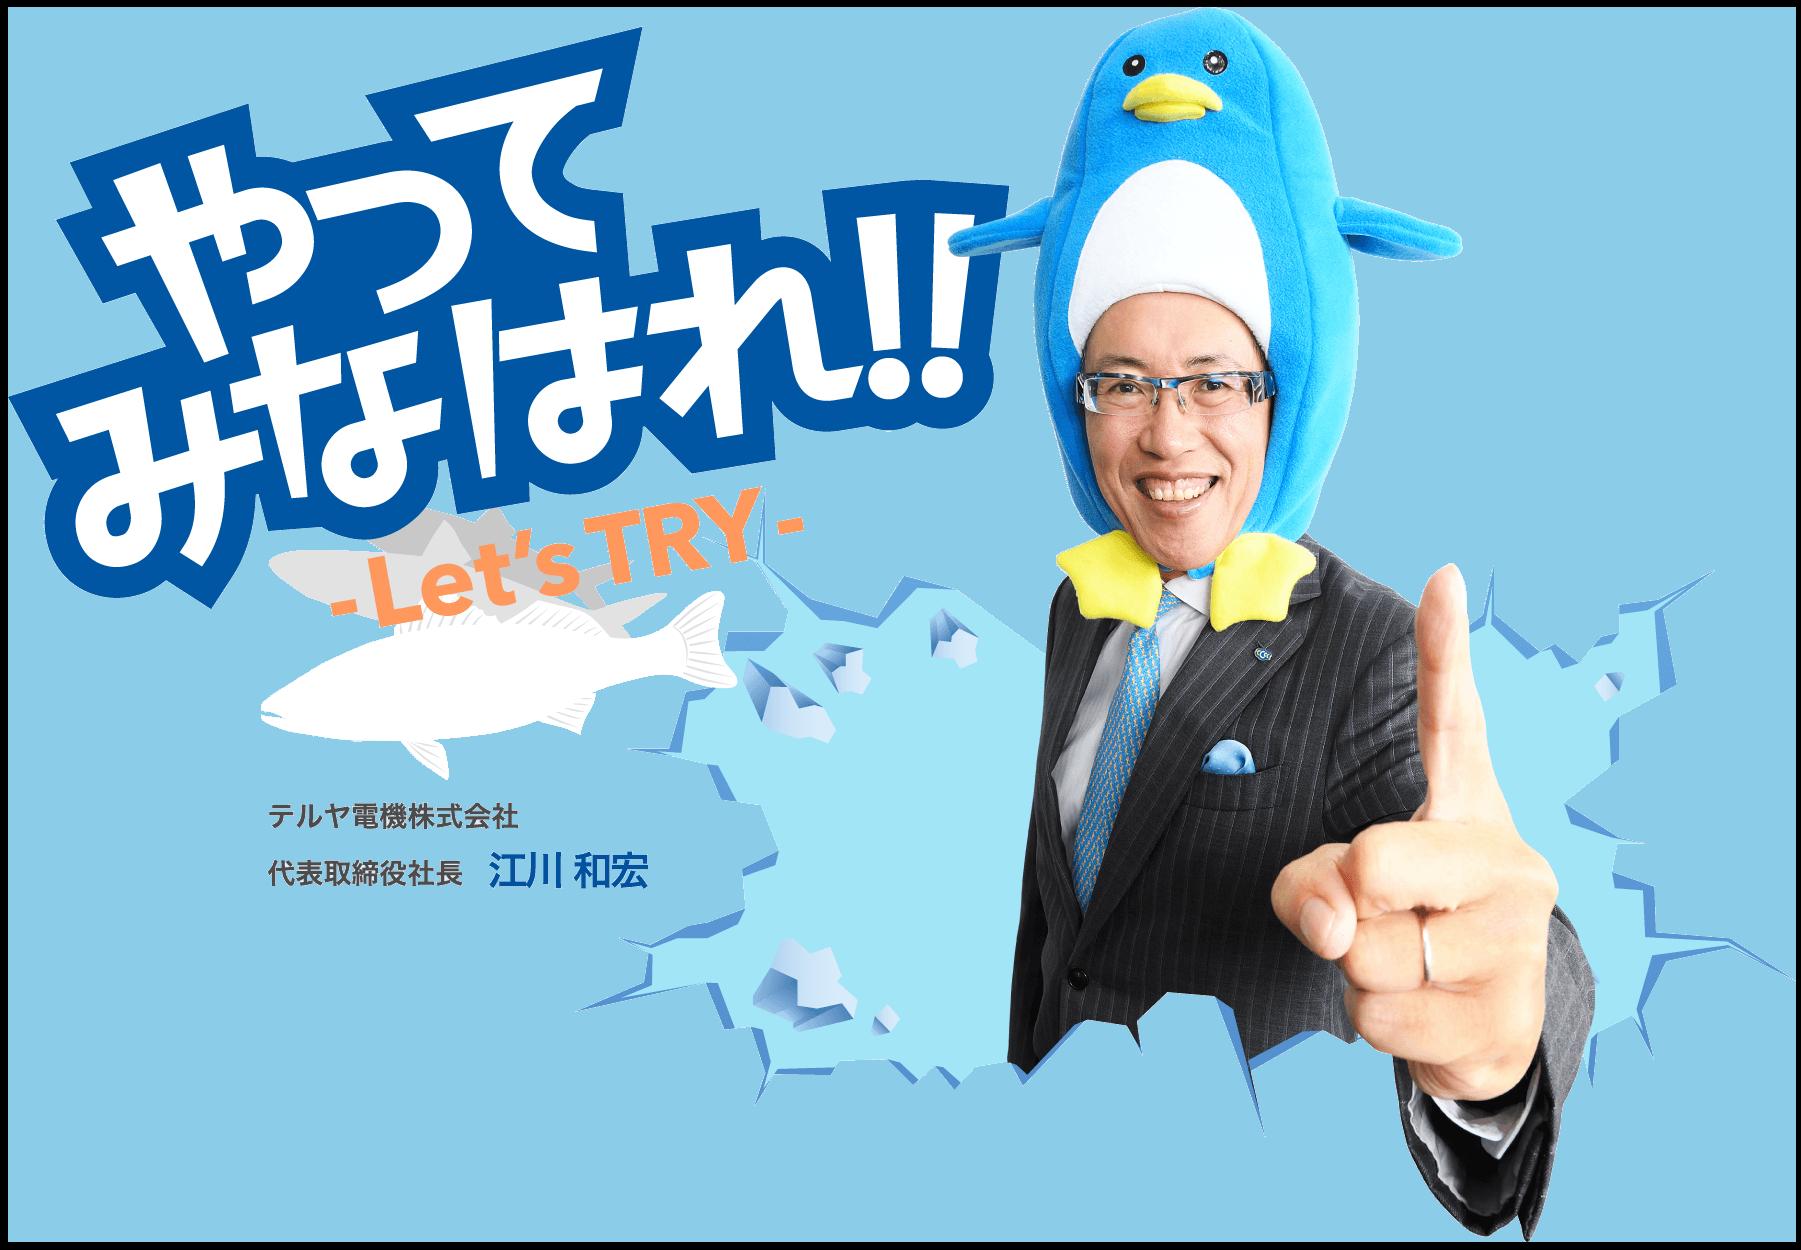 やってみなはれ!! Let's TRY テルヤ電機株式会社 代表取締役社長 江川 和宏